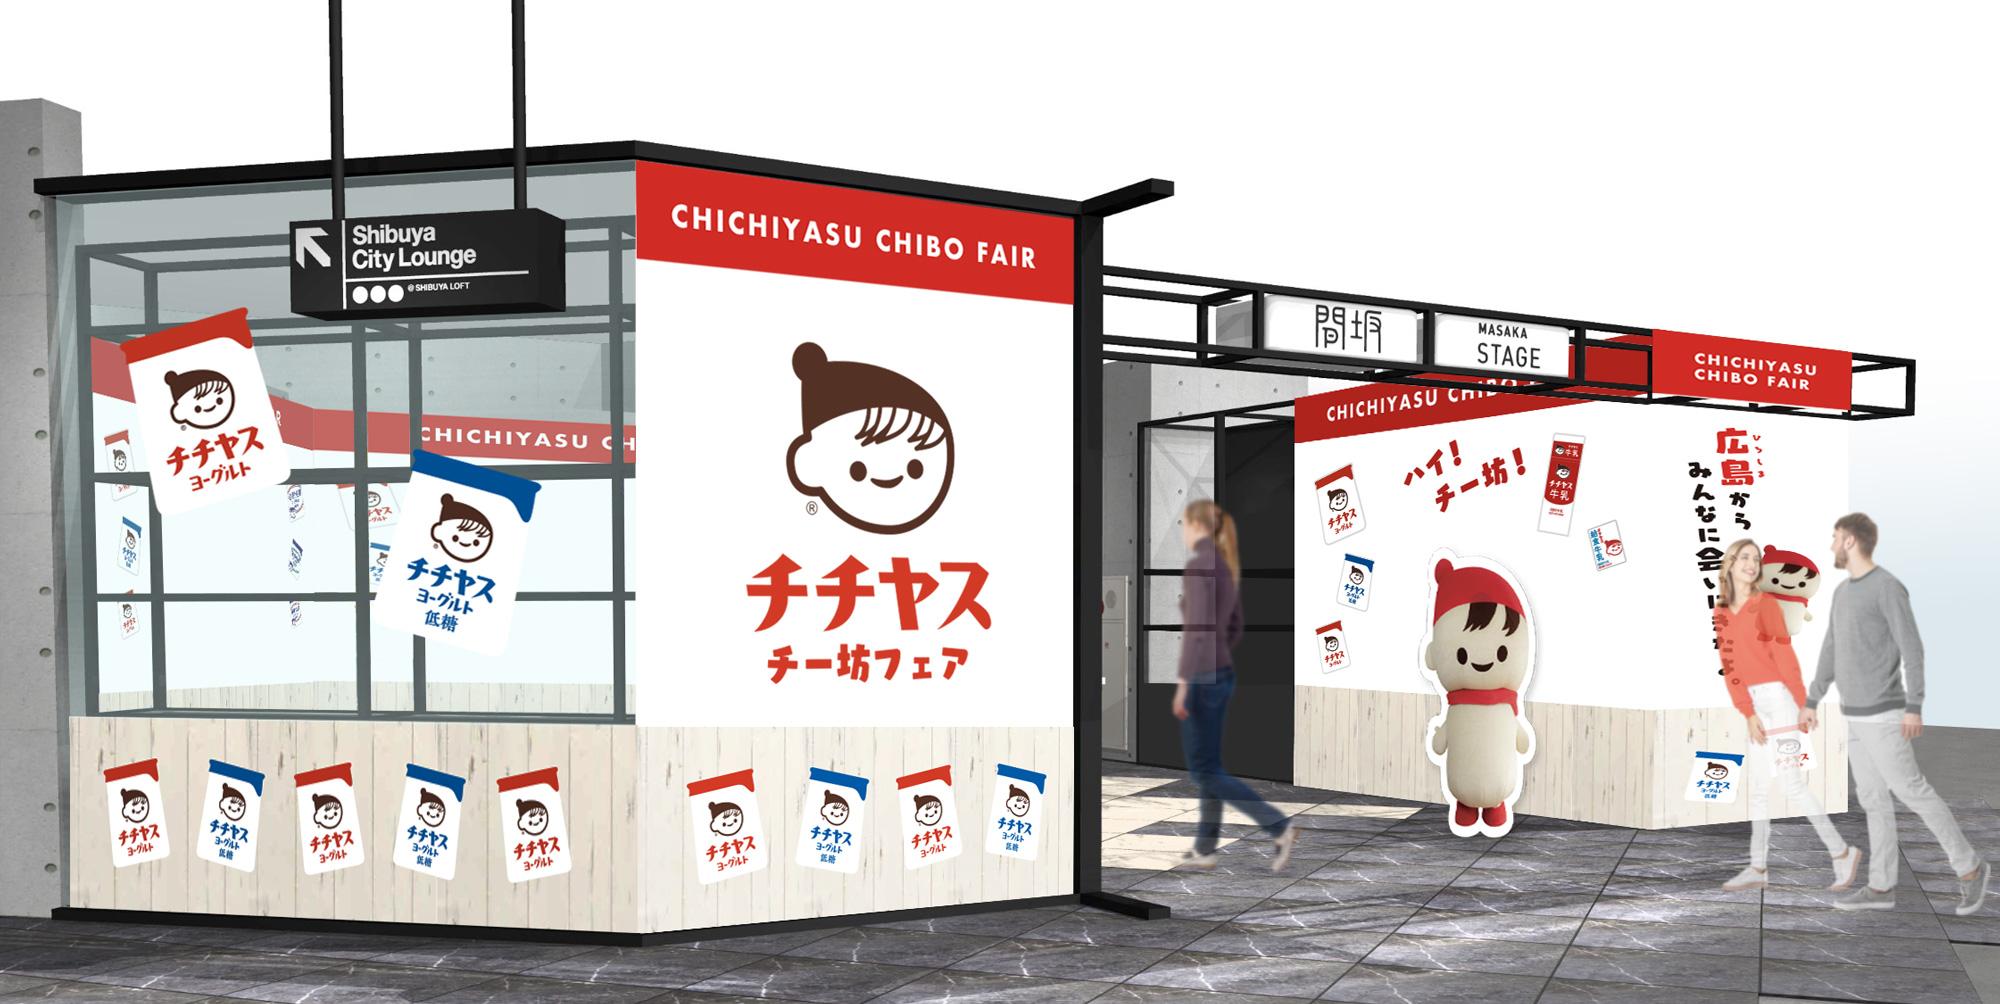 「チチヤス・チー坊フェア2021」1